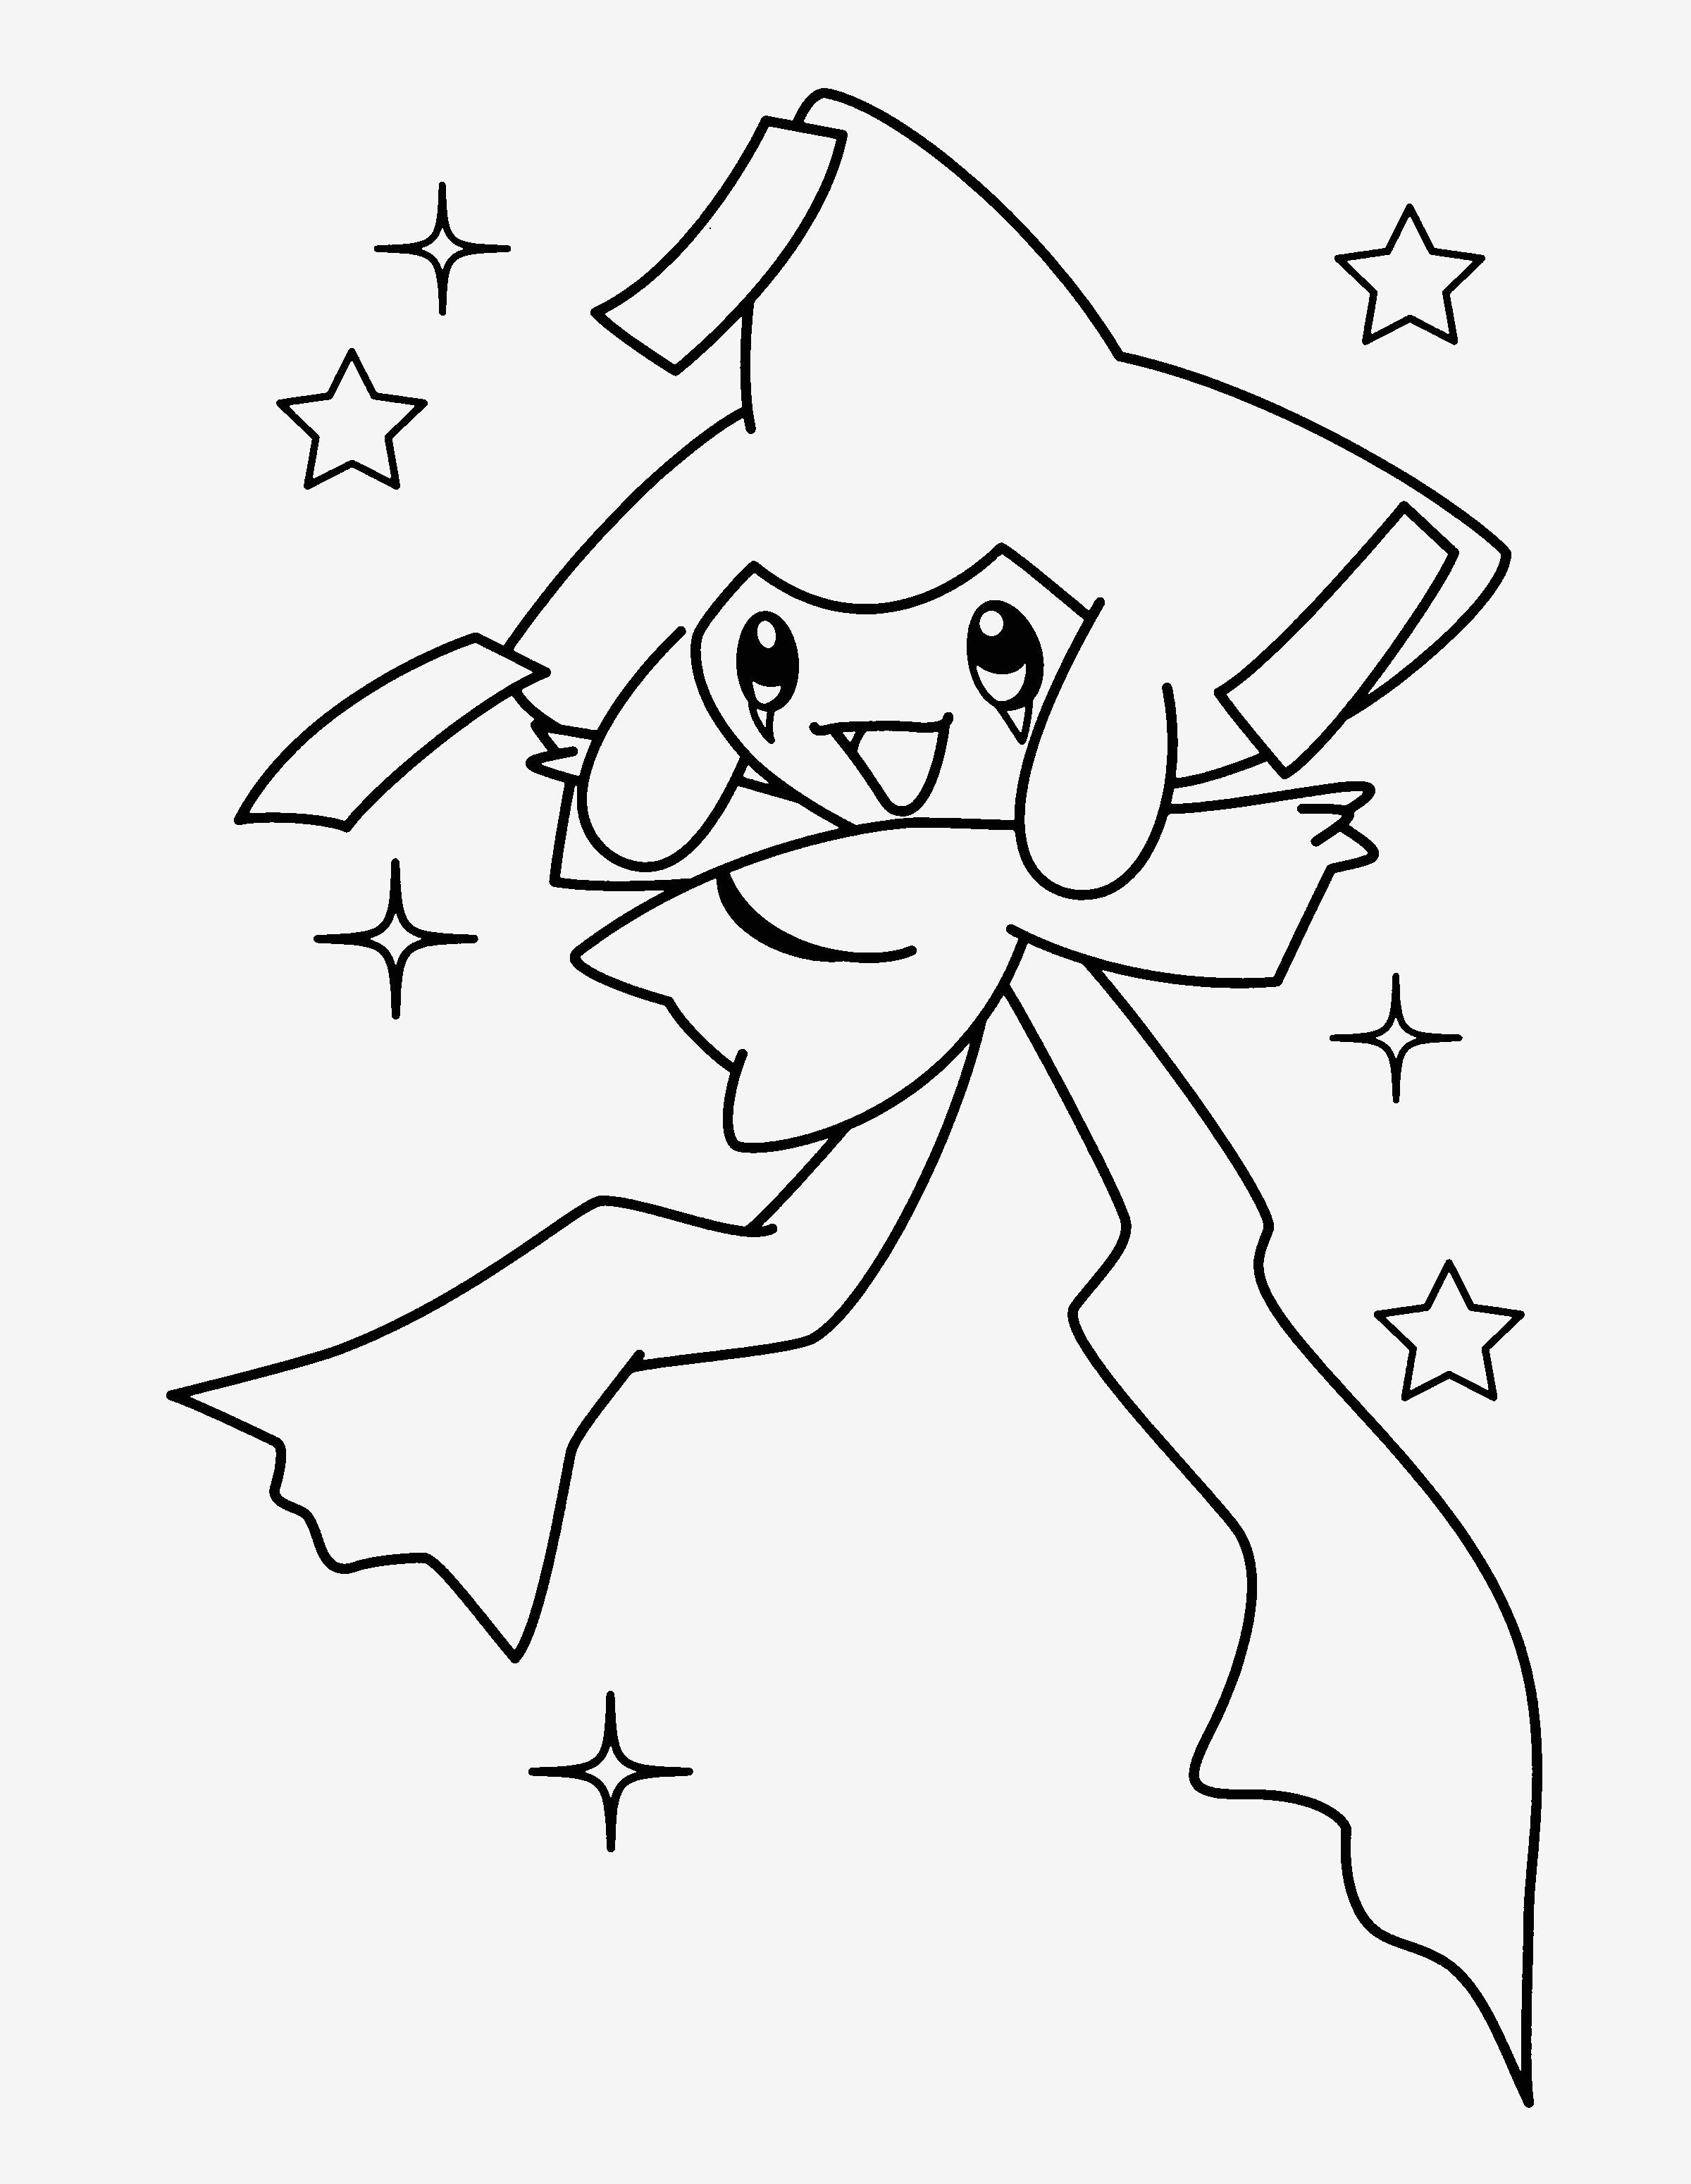 Einhorn Emoji Zum Ausmalen Einzigartig 30 Schön Einhorn Emoji Ausmalbilder – Malvorlagen Ideen Fotografieren